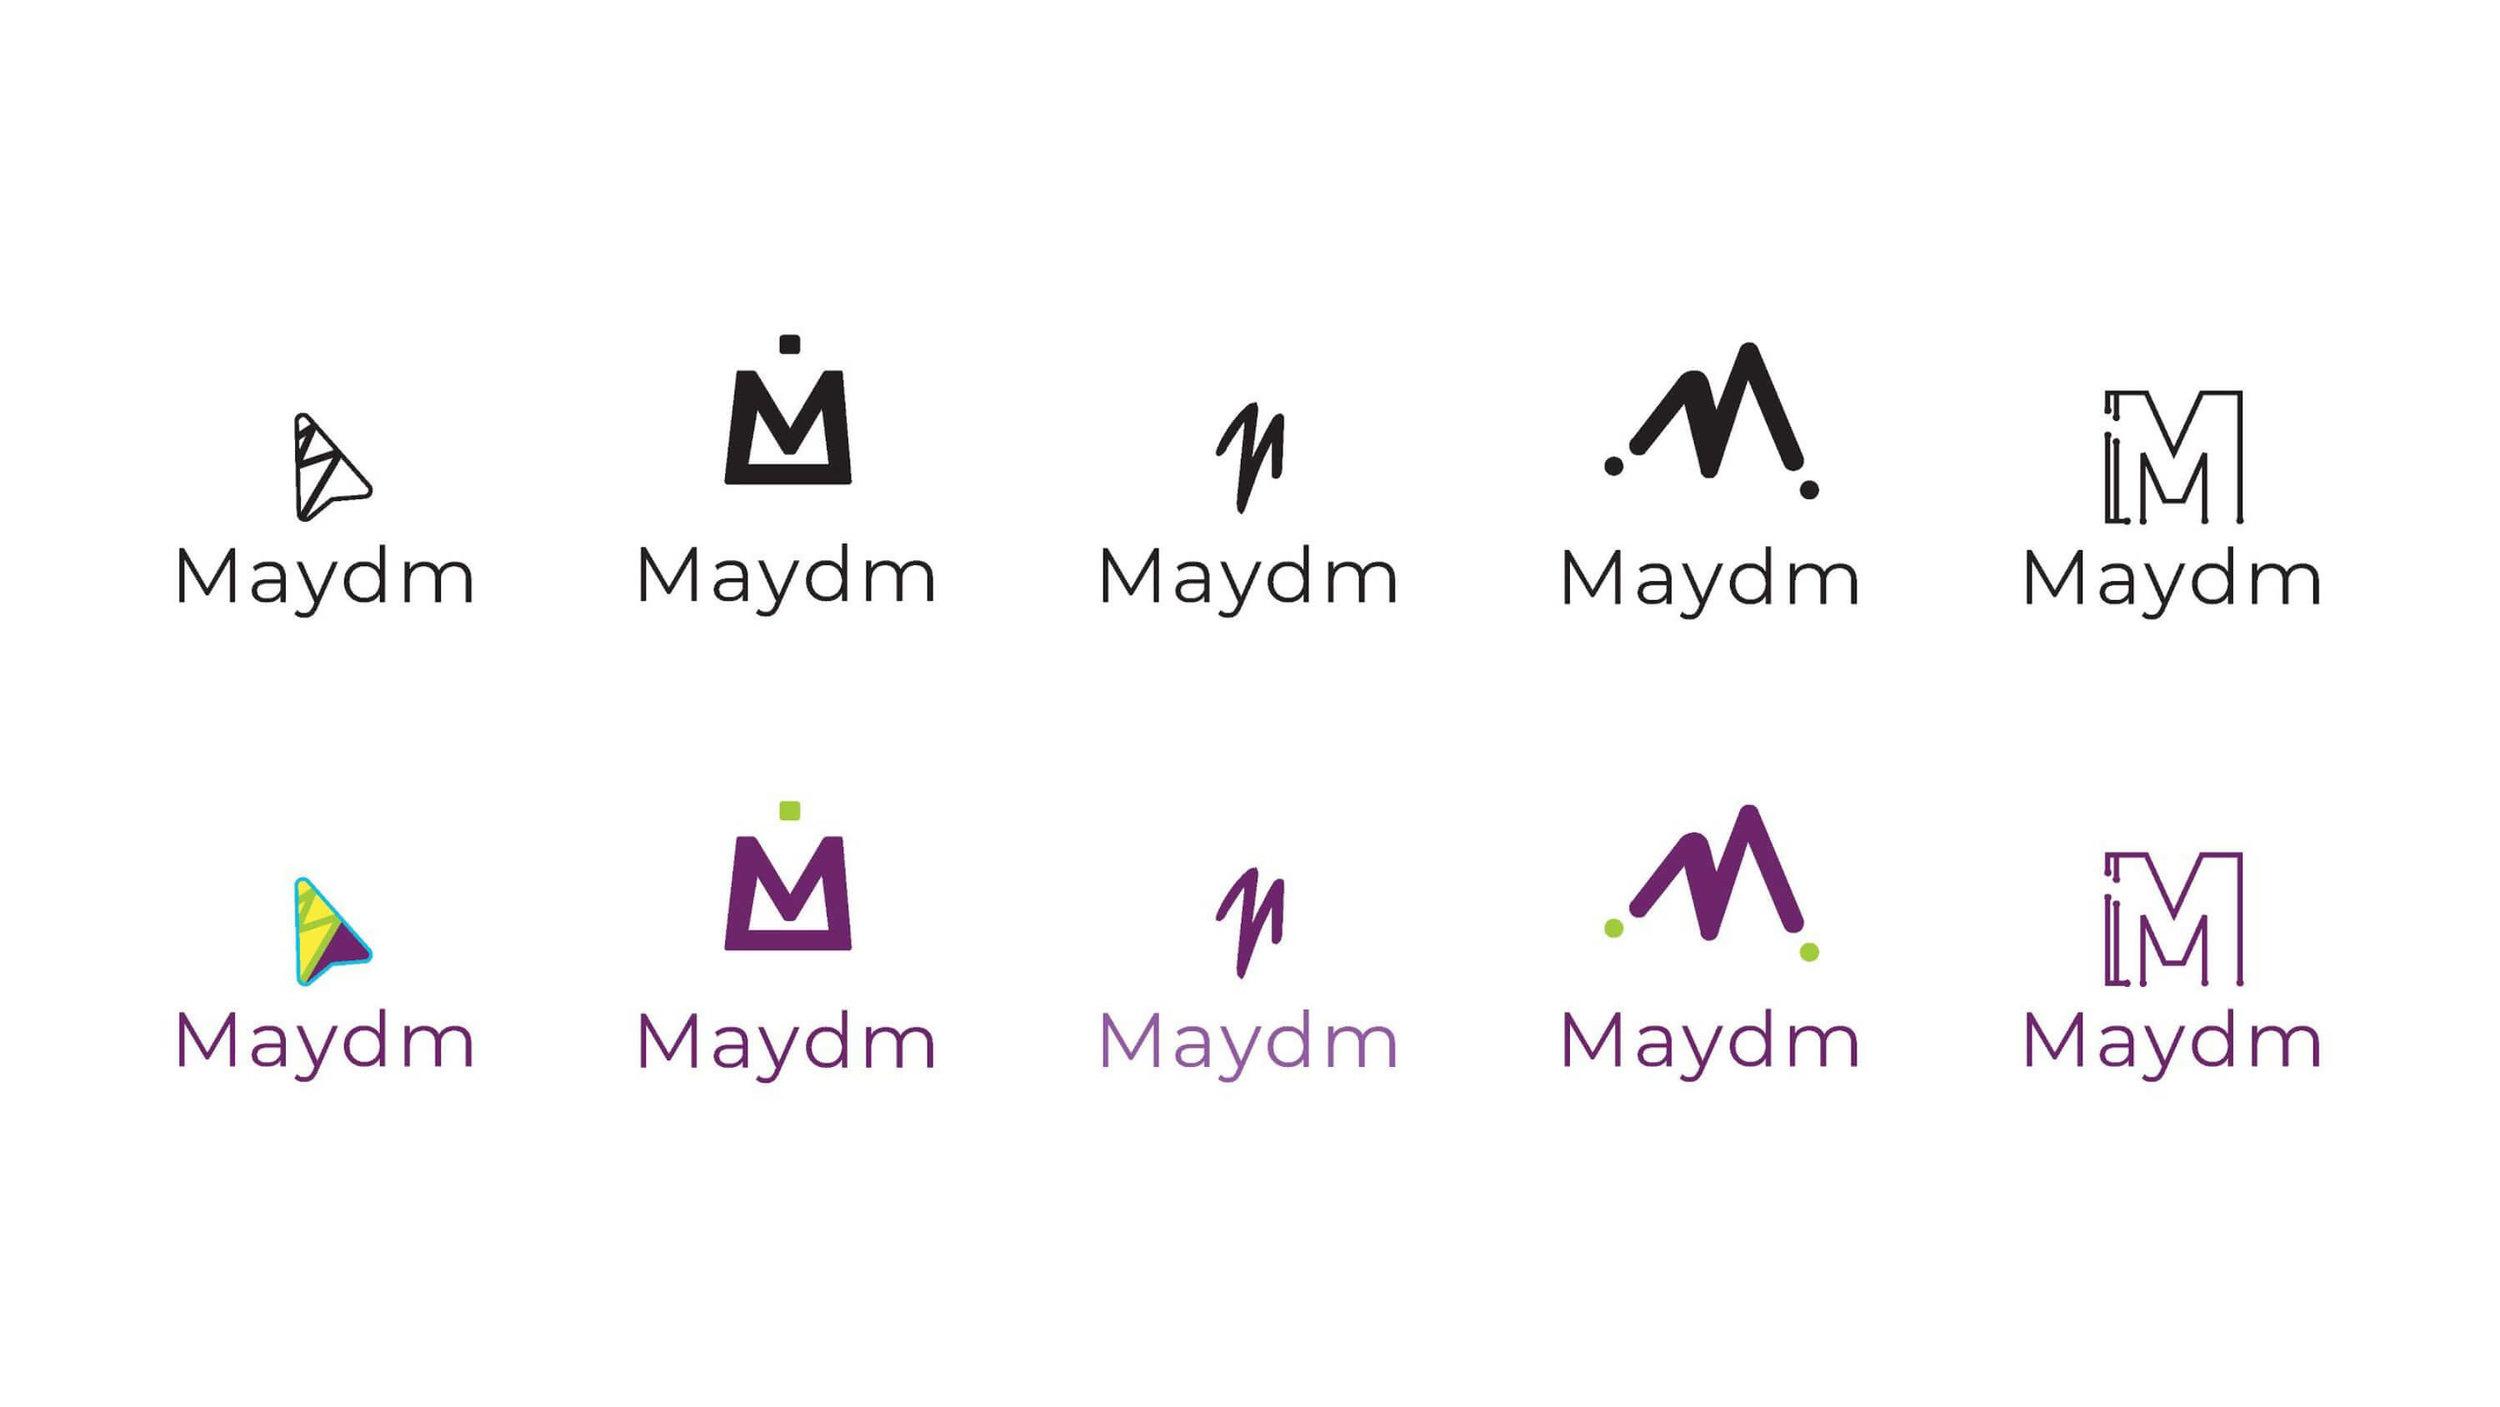 Maydm